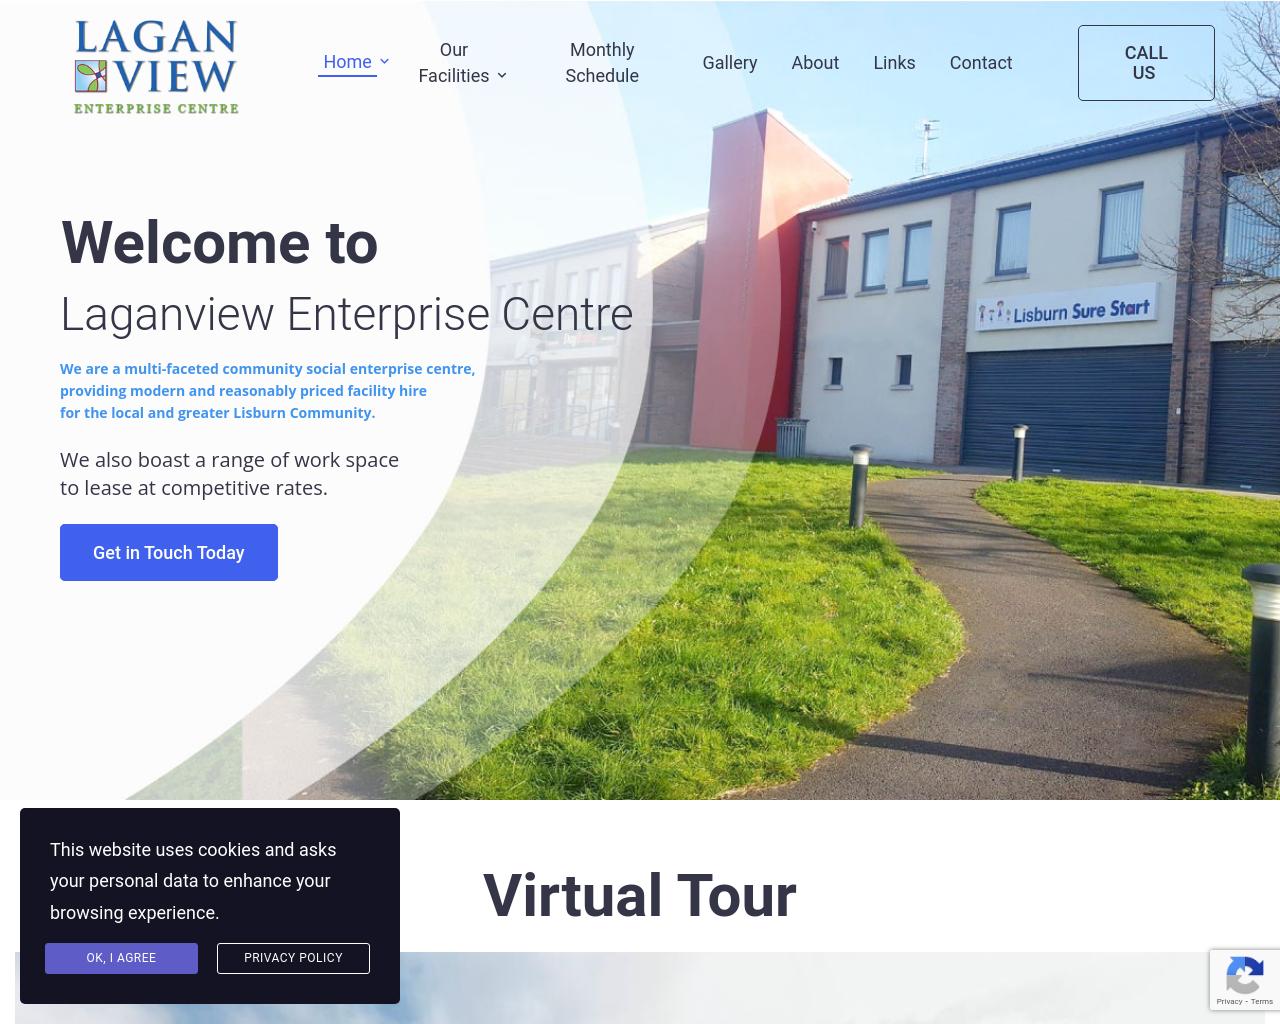 Lagan View Enterprise Centre